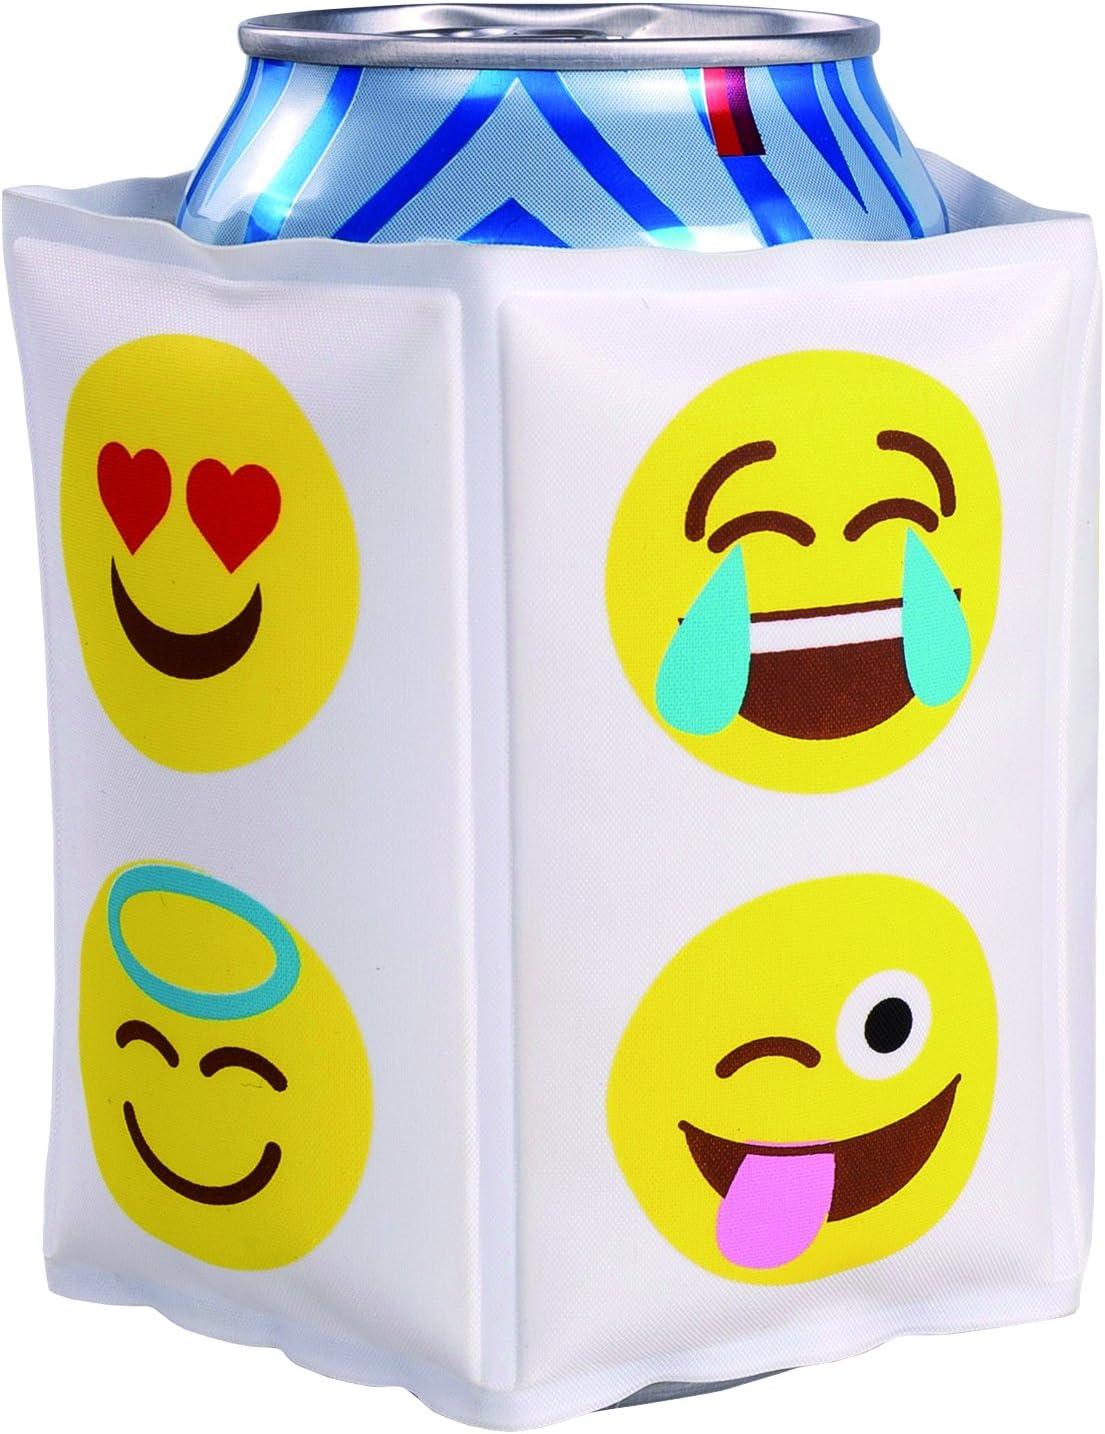 Vin Bouquet FIE 214 - Funda Enfriadora Latas Emoticonos, Cubierta Enfriadora Gel, Velcro Ajustable